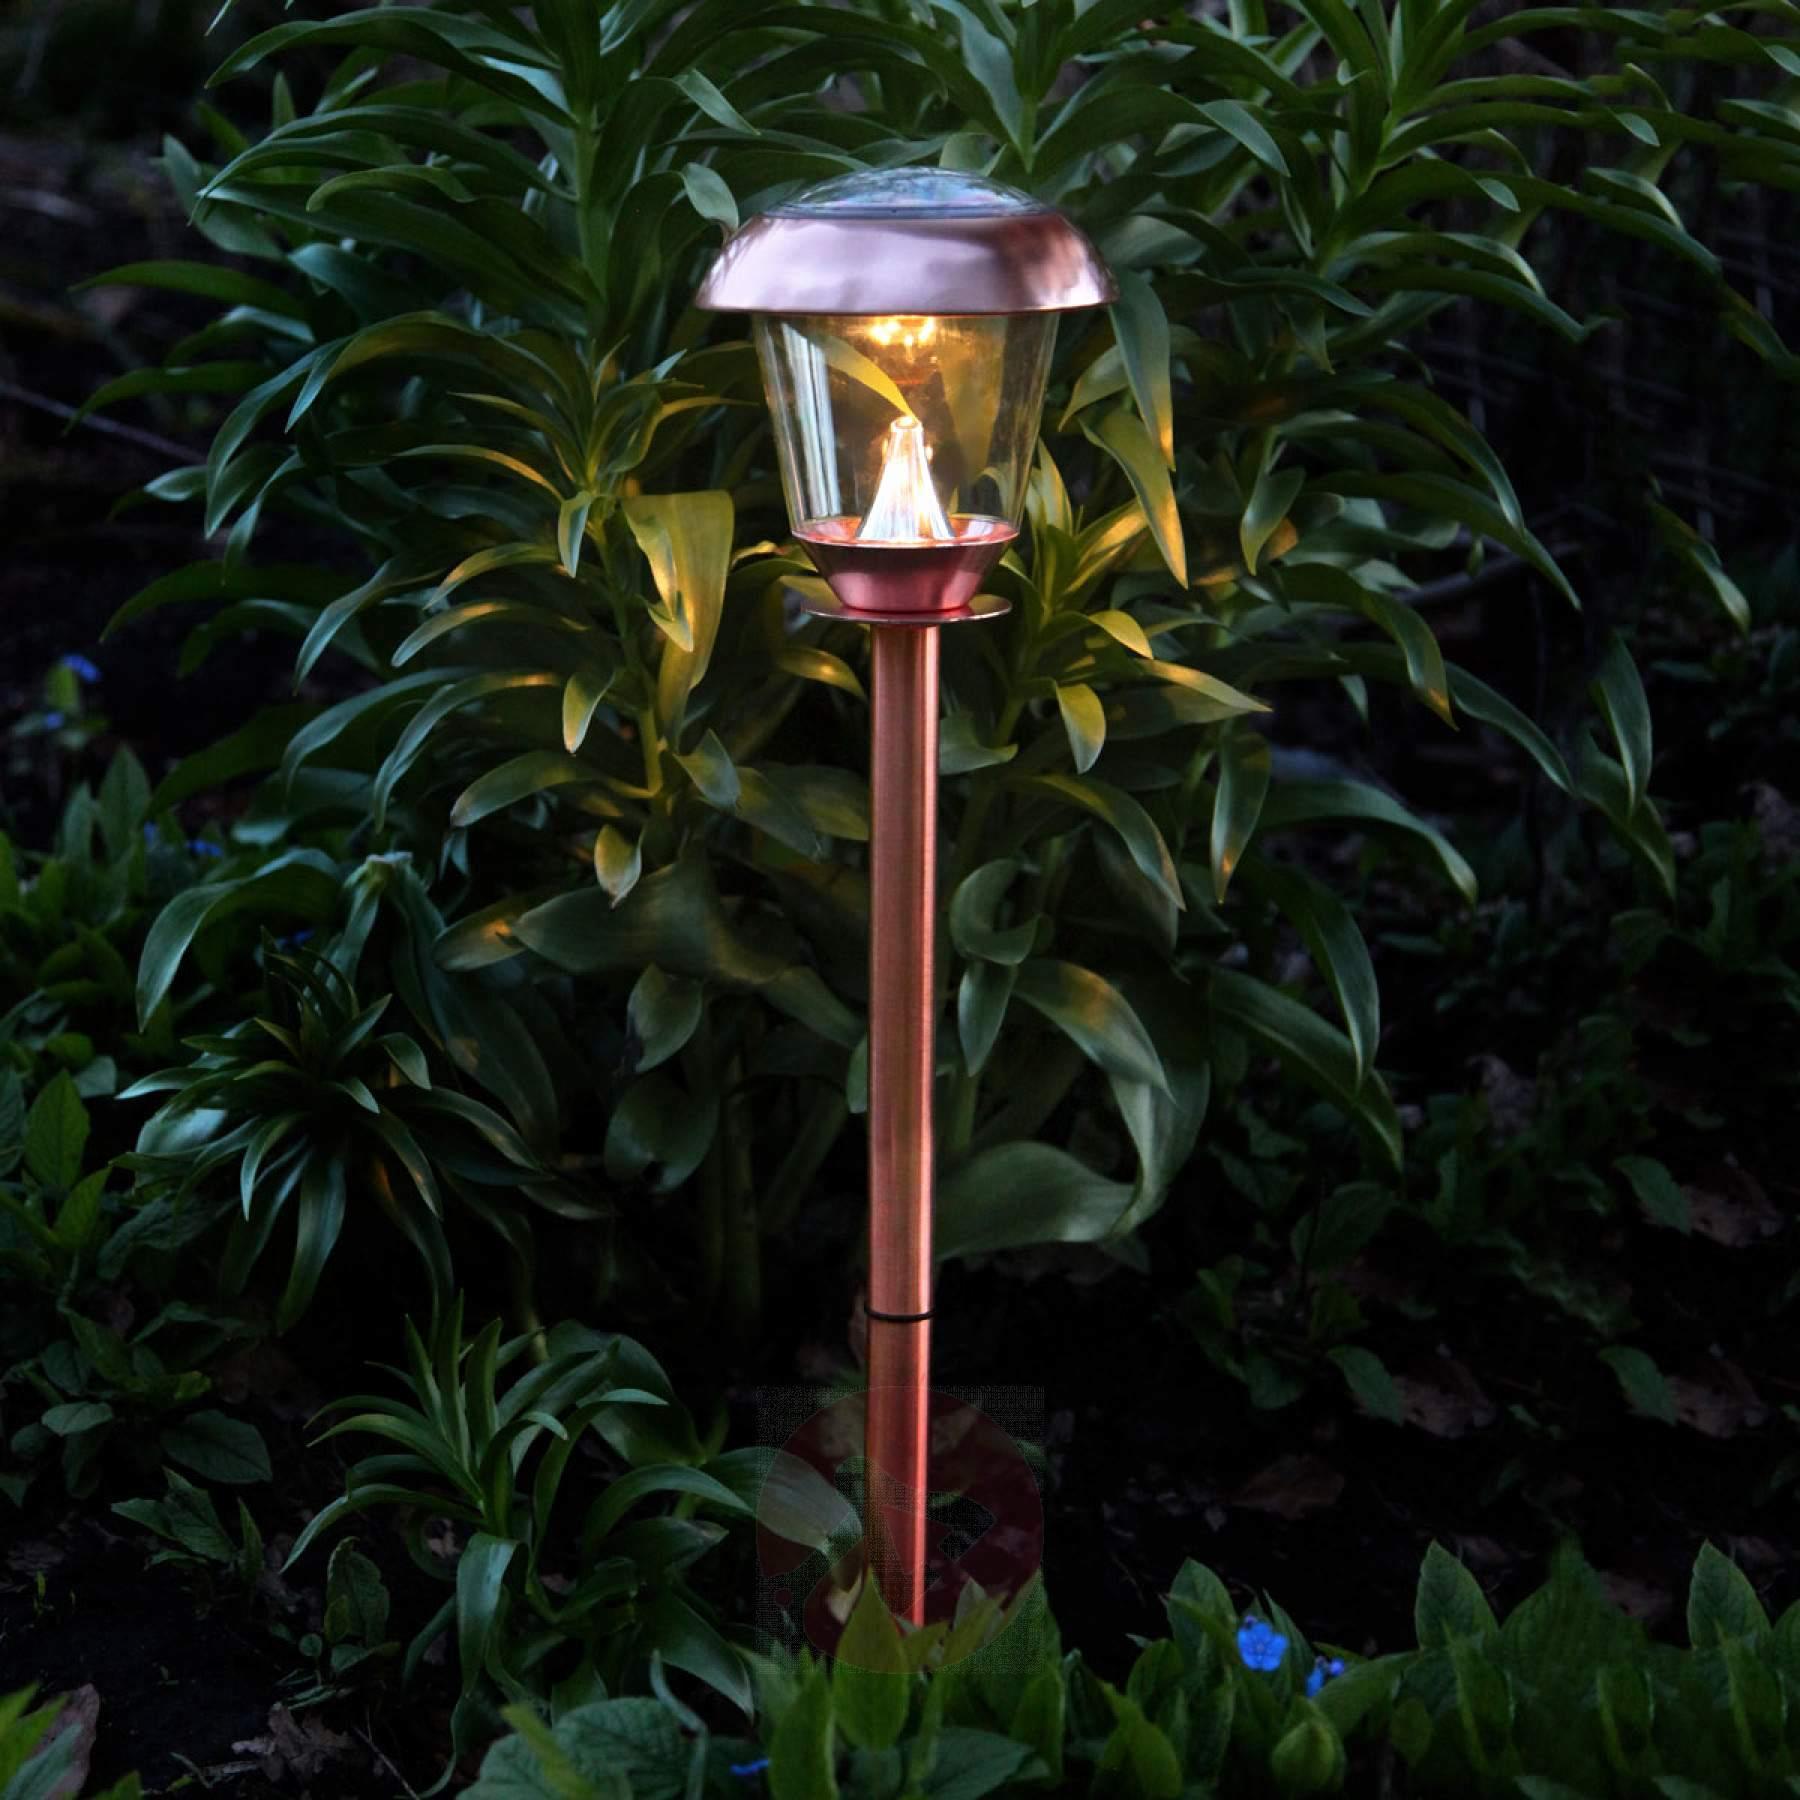 Lampe De Chevet solaire Meilleur De Photos Lampe De Jardin solaire Moderne Eclairage solaire De Jardin Aussi